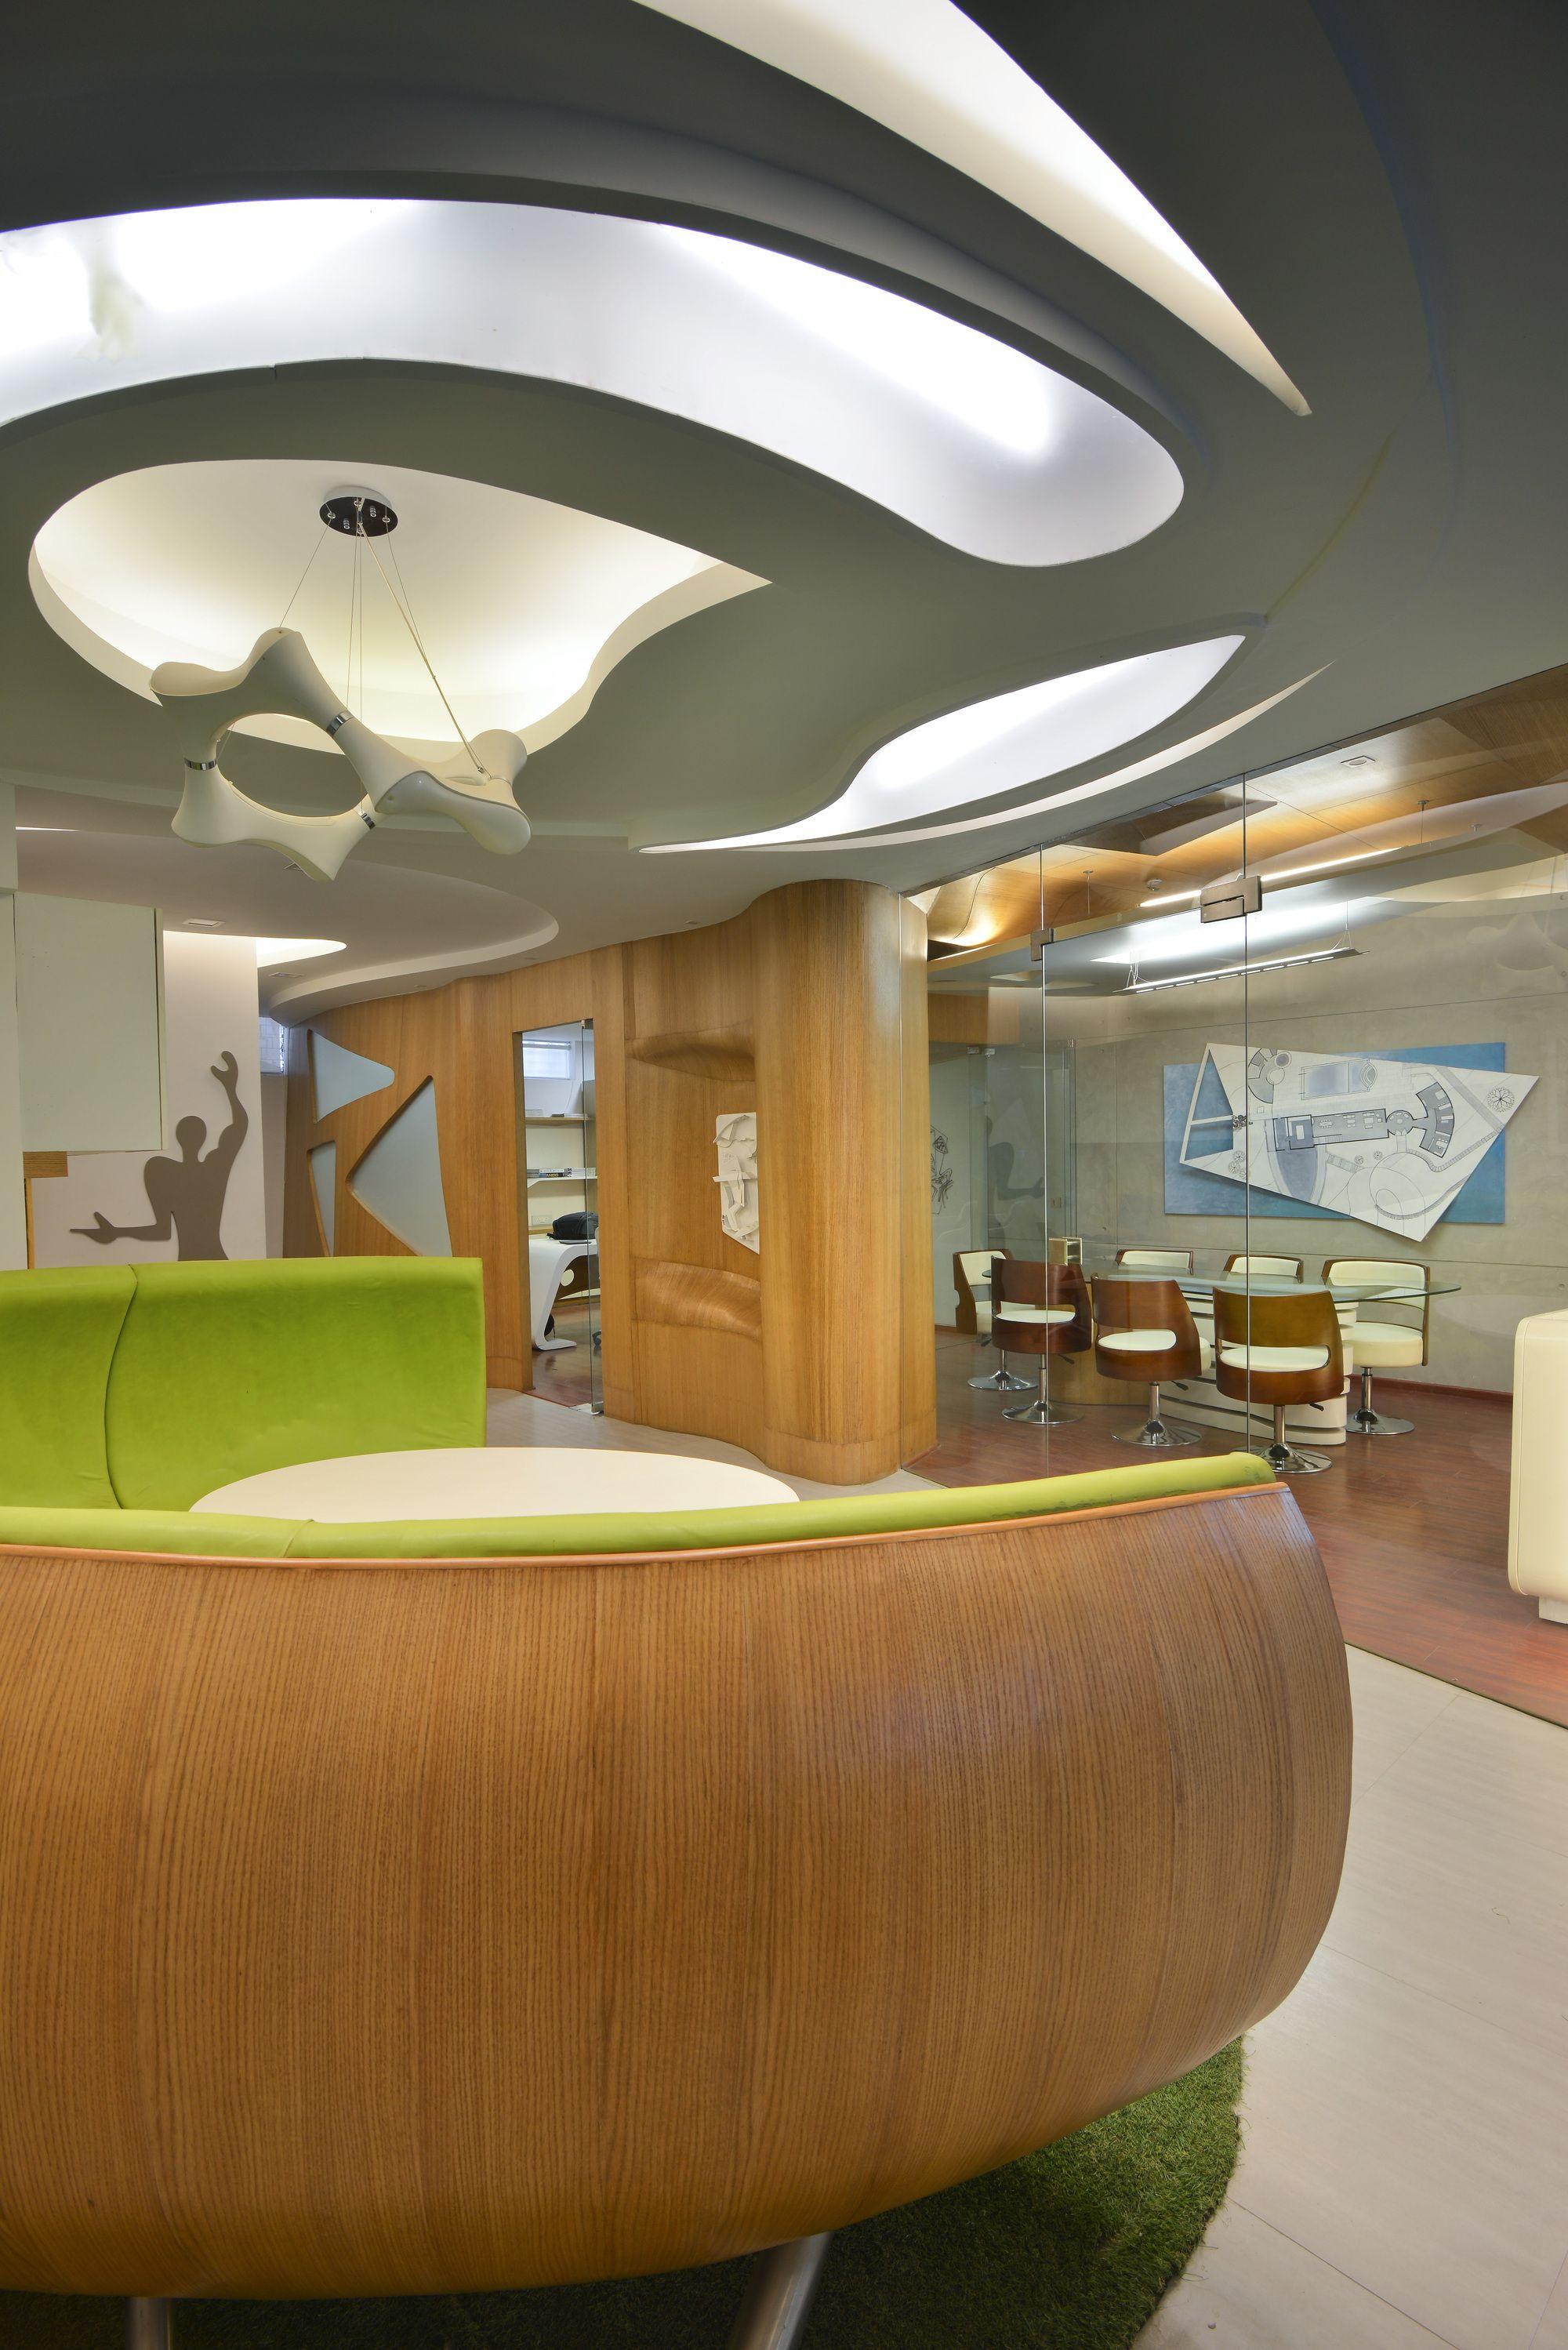 architects office interiors. Galería De Oficina Los Arquitectos / Spaces Architects@ka - 8. Interior Design OfficesInterior Architects Office Interiors O